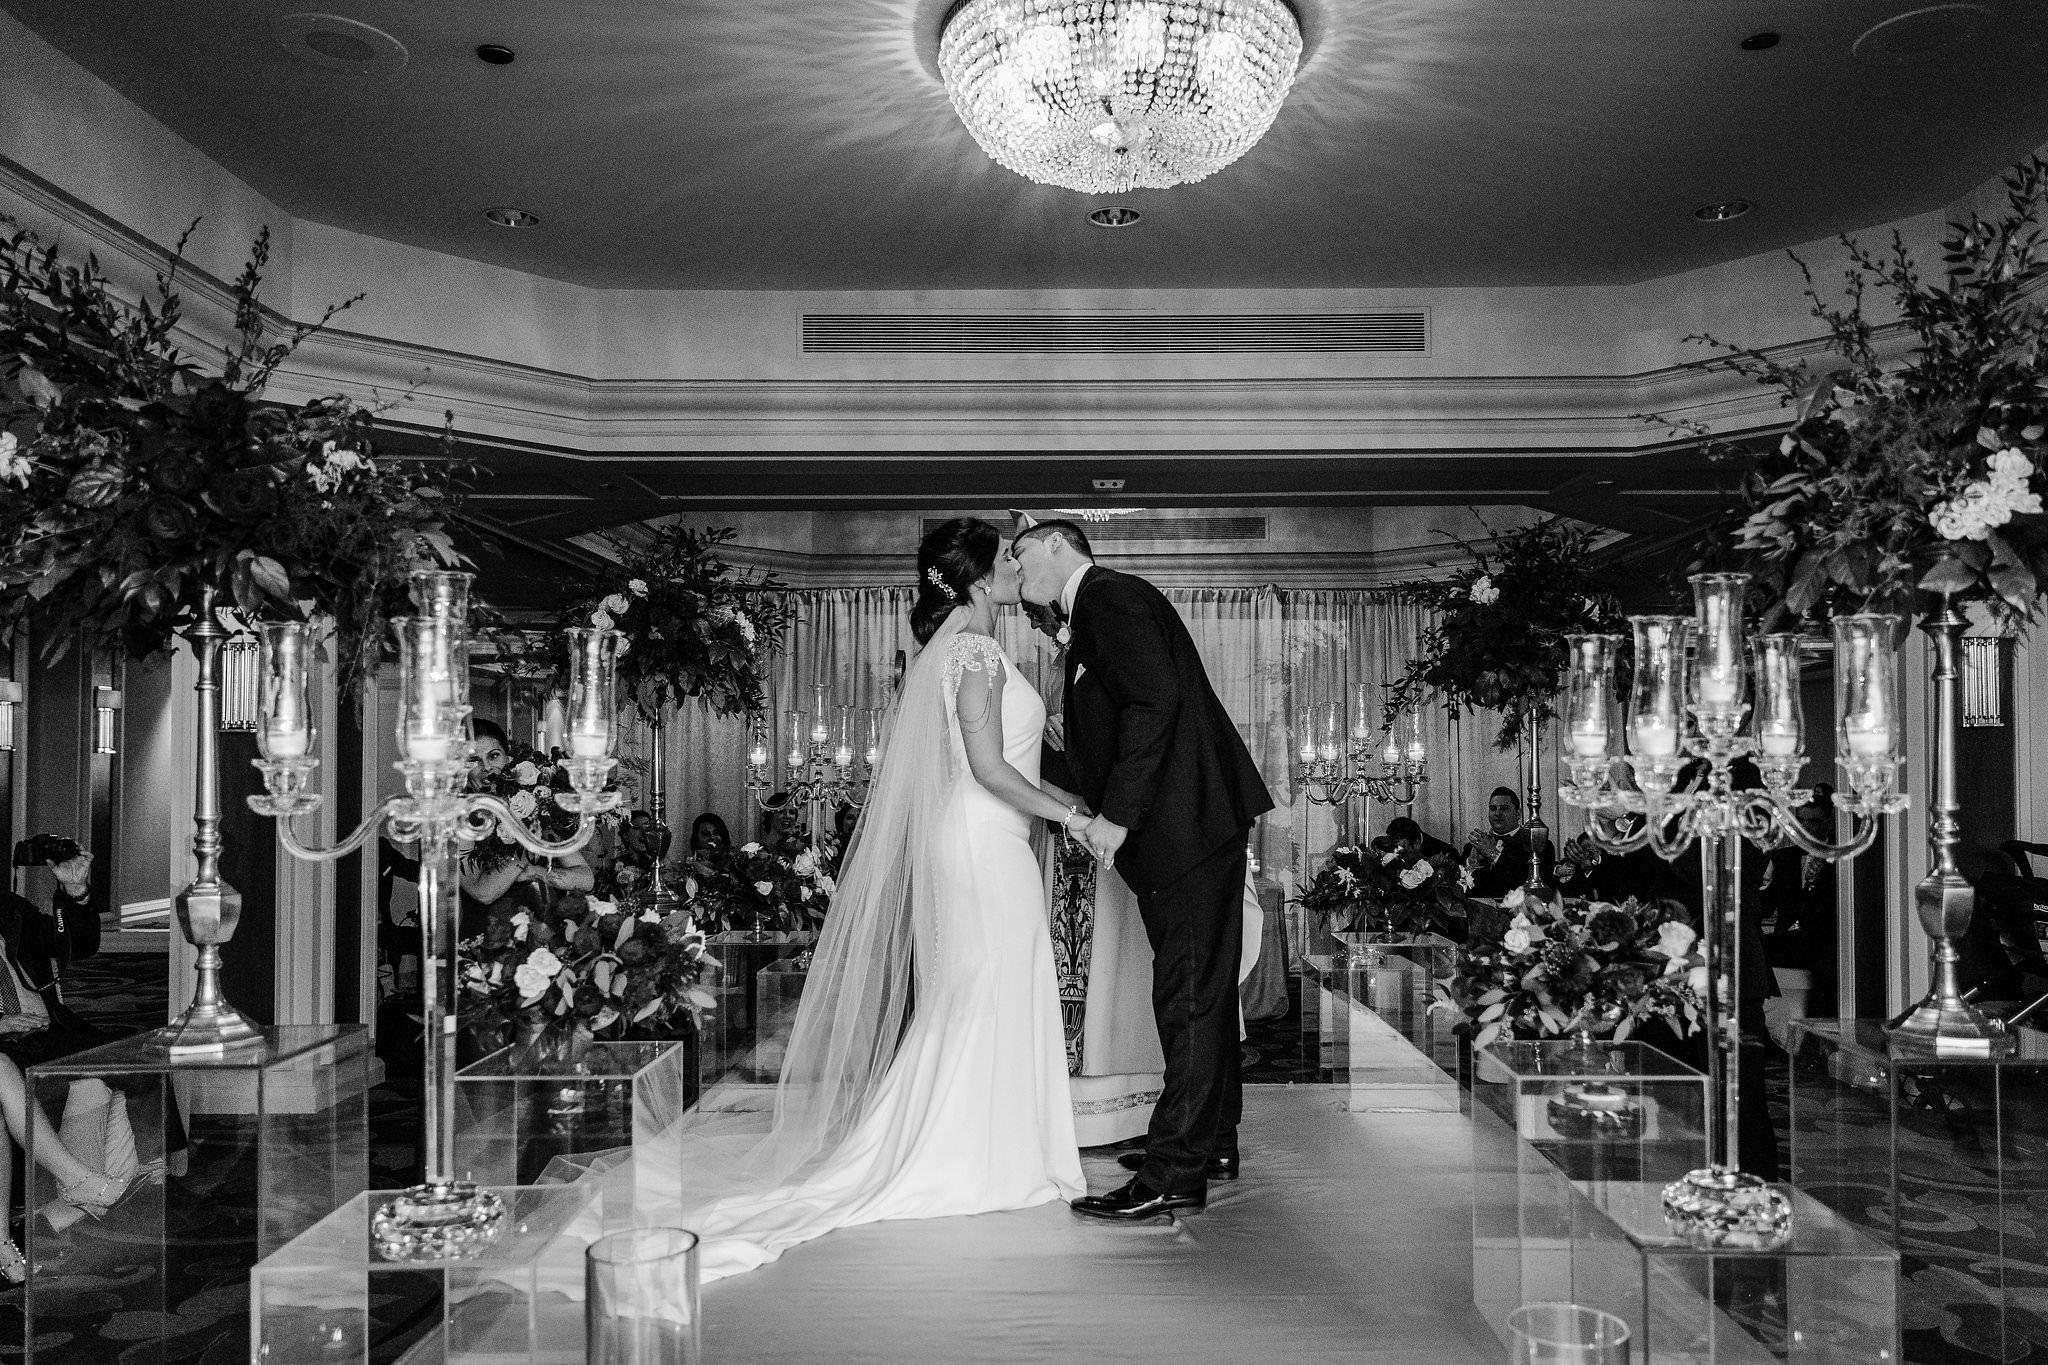 Rebecca Michael King Edward Hotel NYE Wedding Photos 555 - King Edward Hotel Wedding Photos